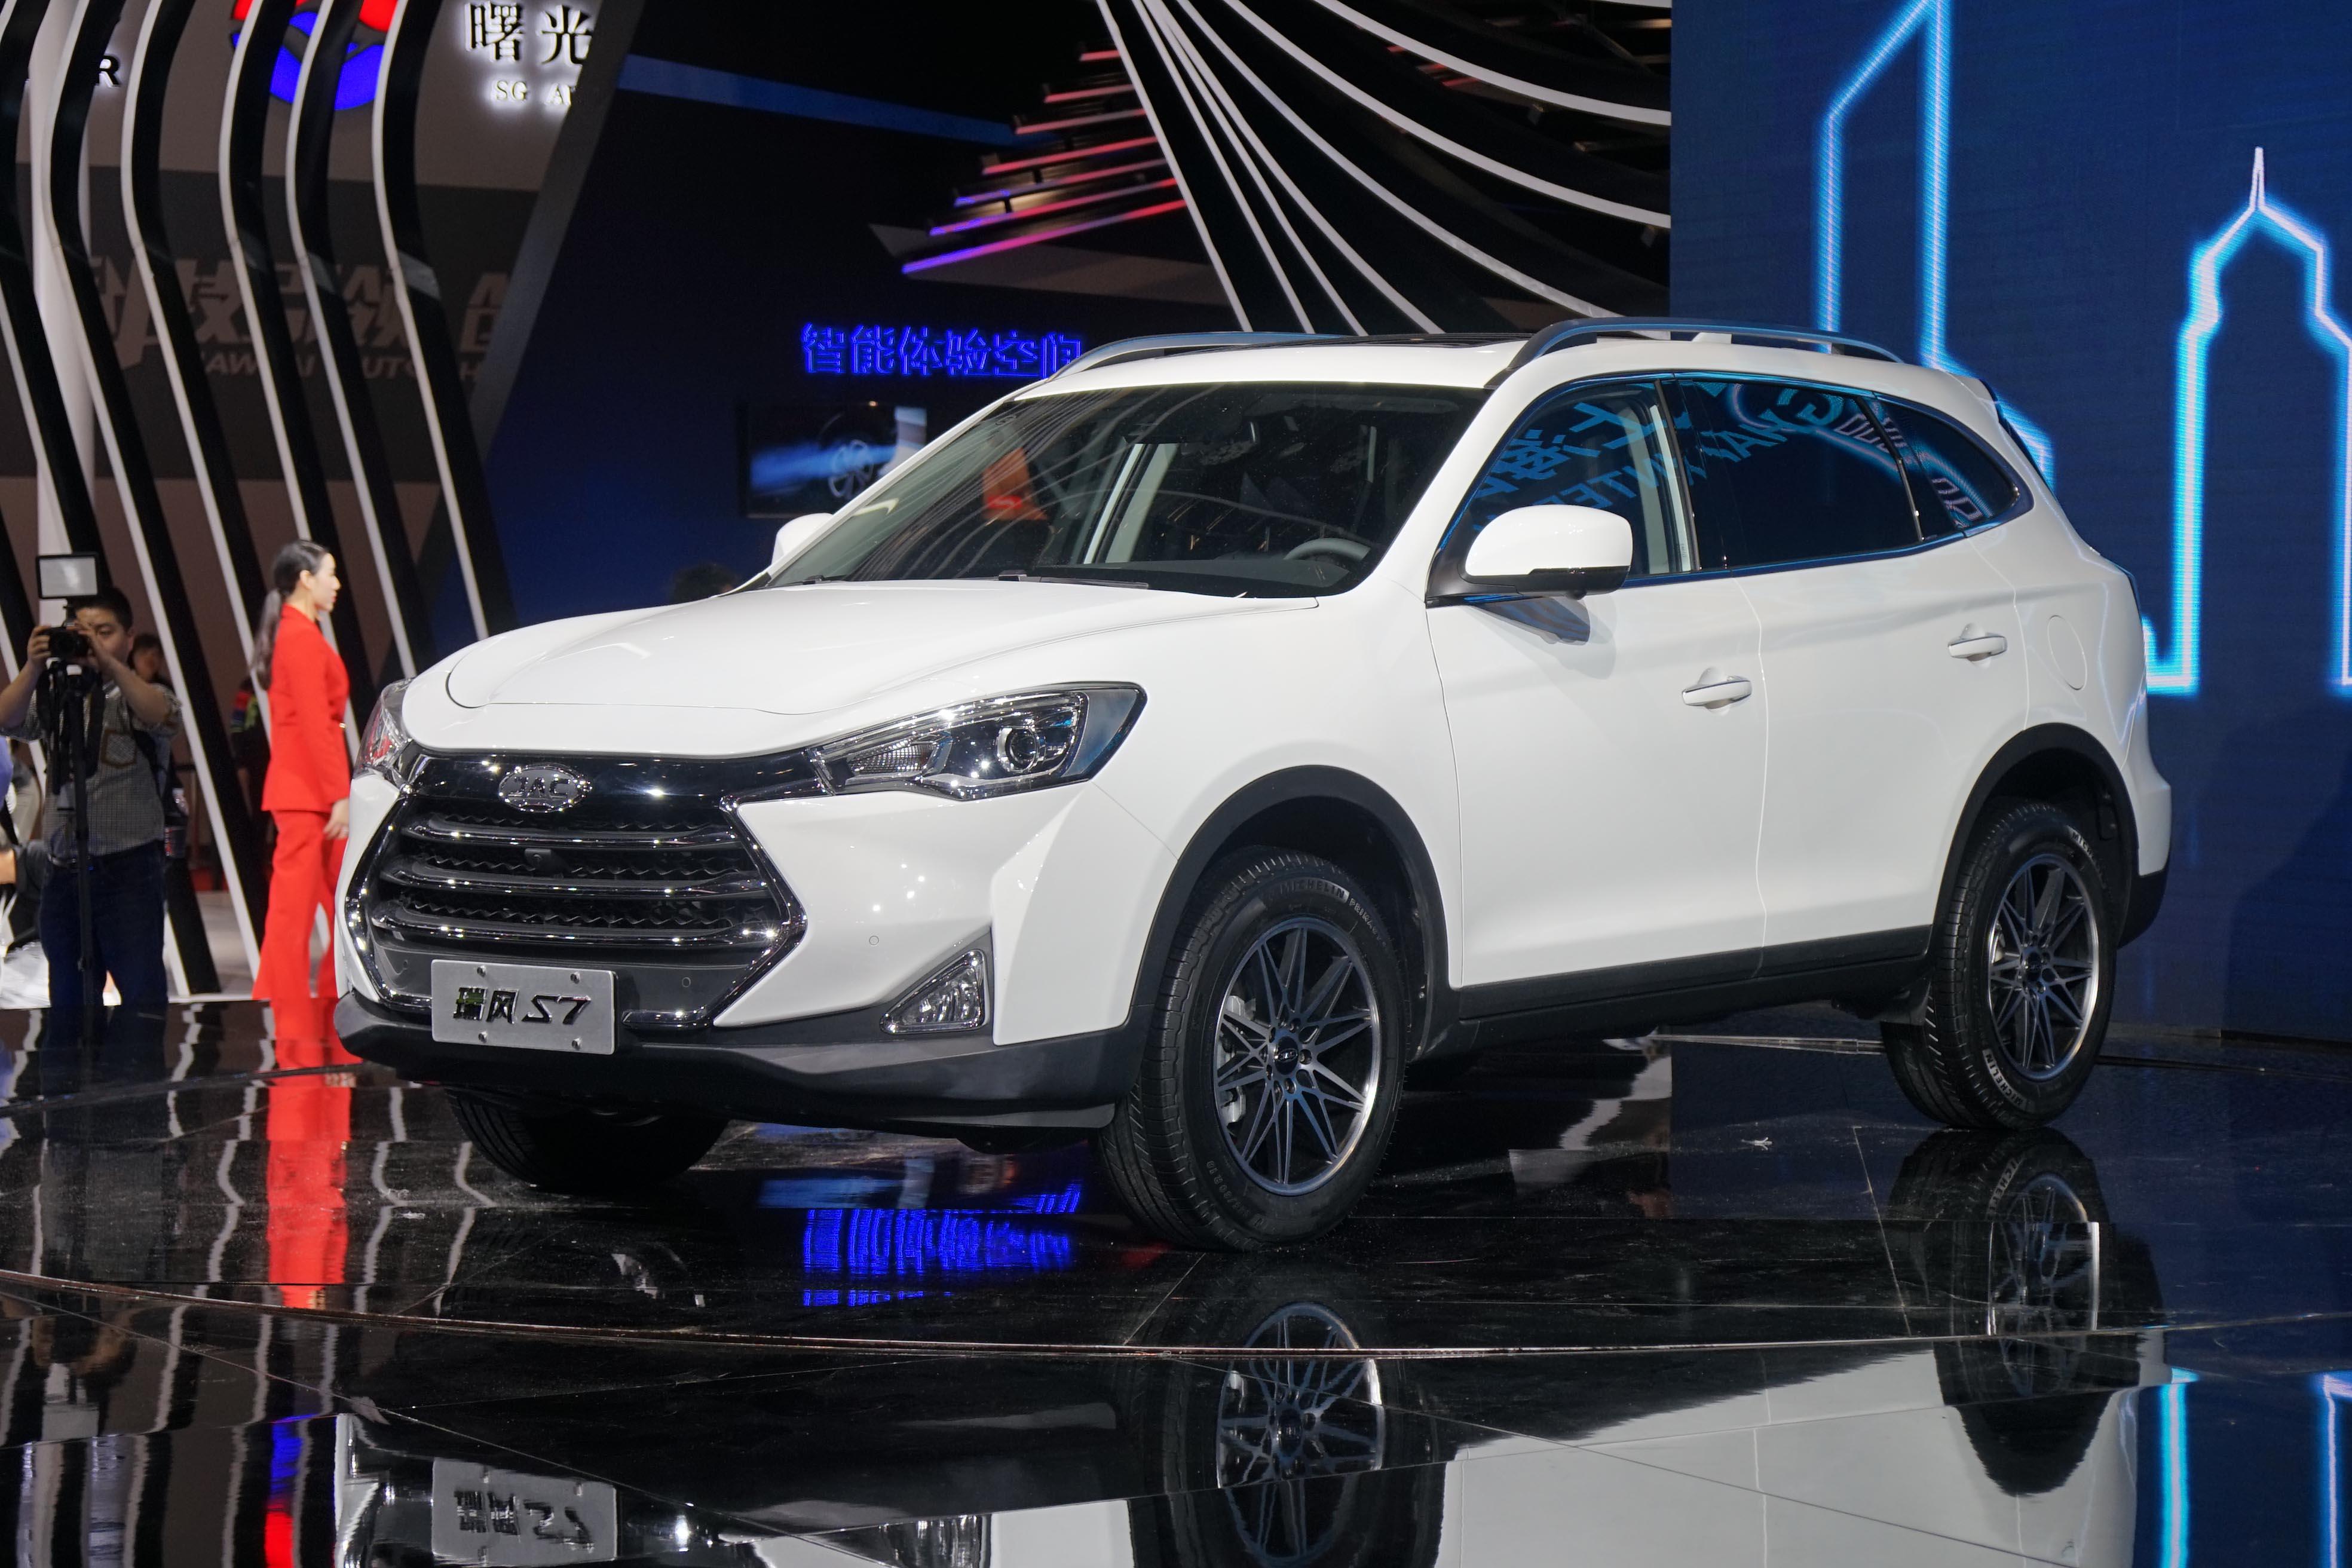 大智慧行,江淮瑞风S7刷新紧凑型SUV价值标准-国内车讯高清图片